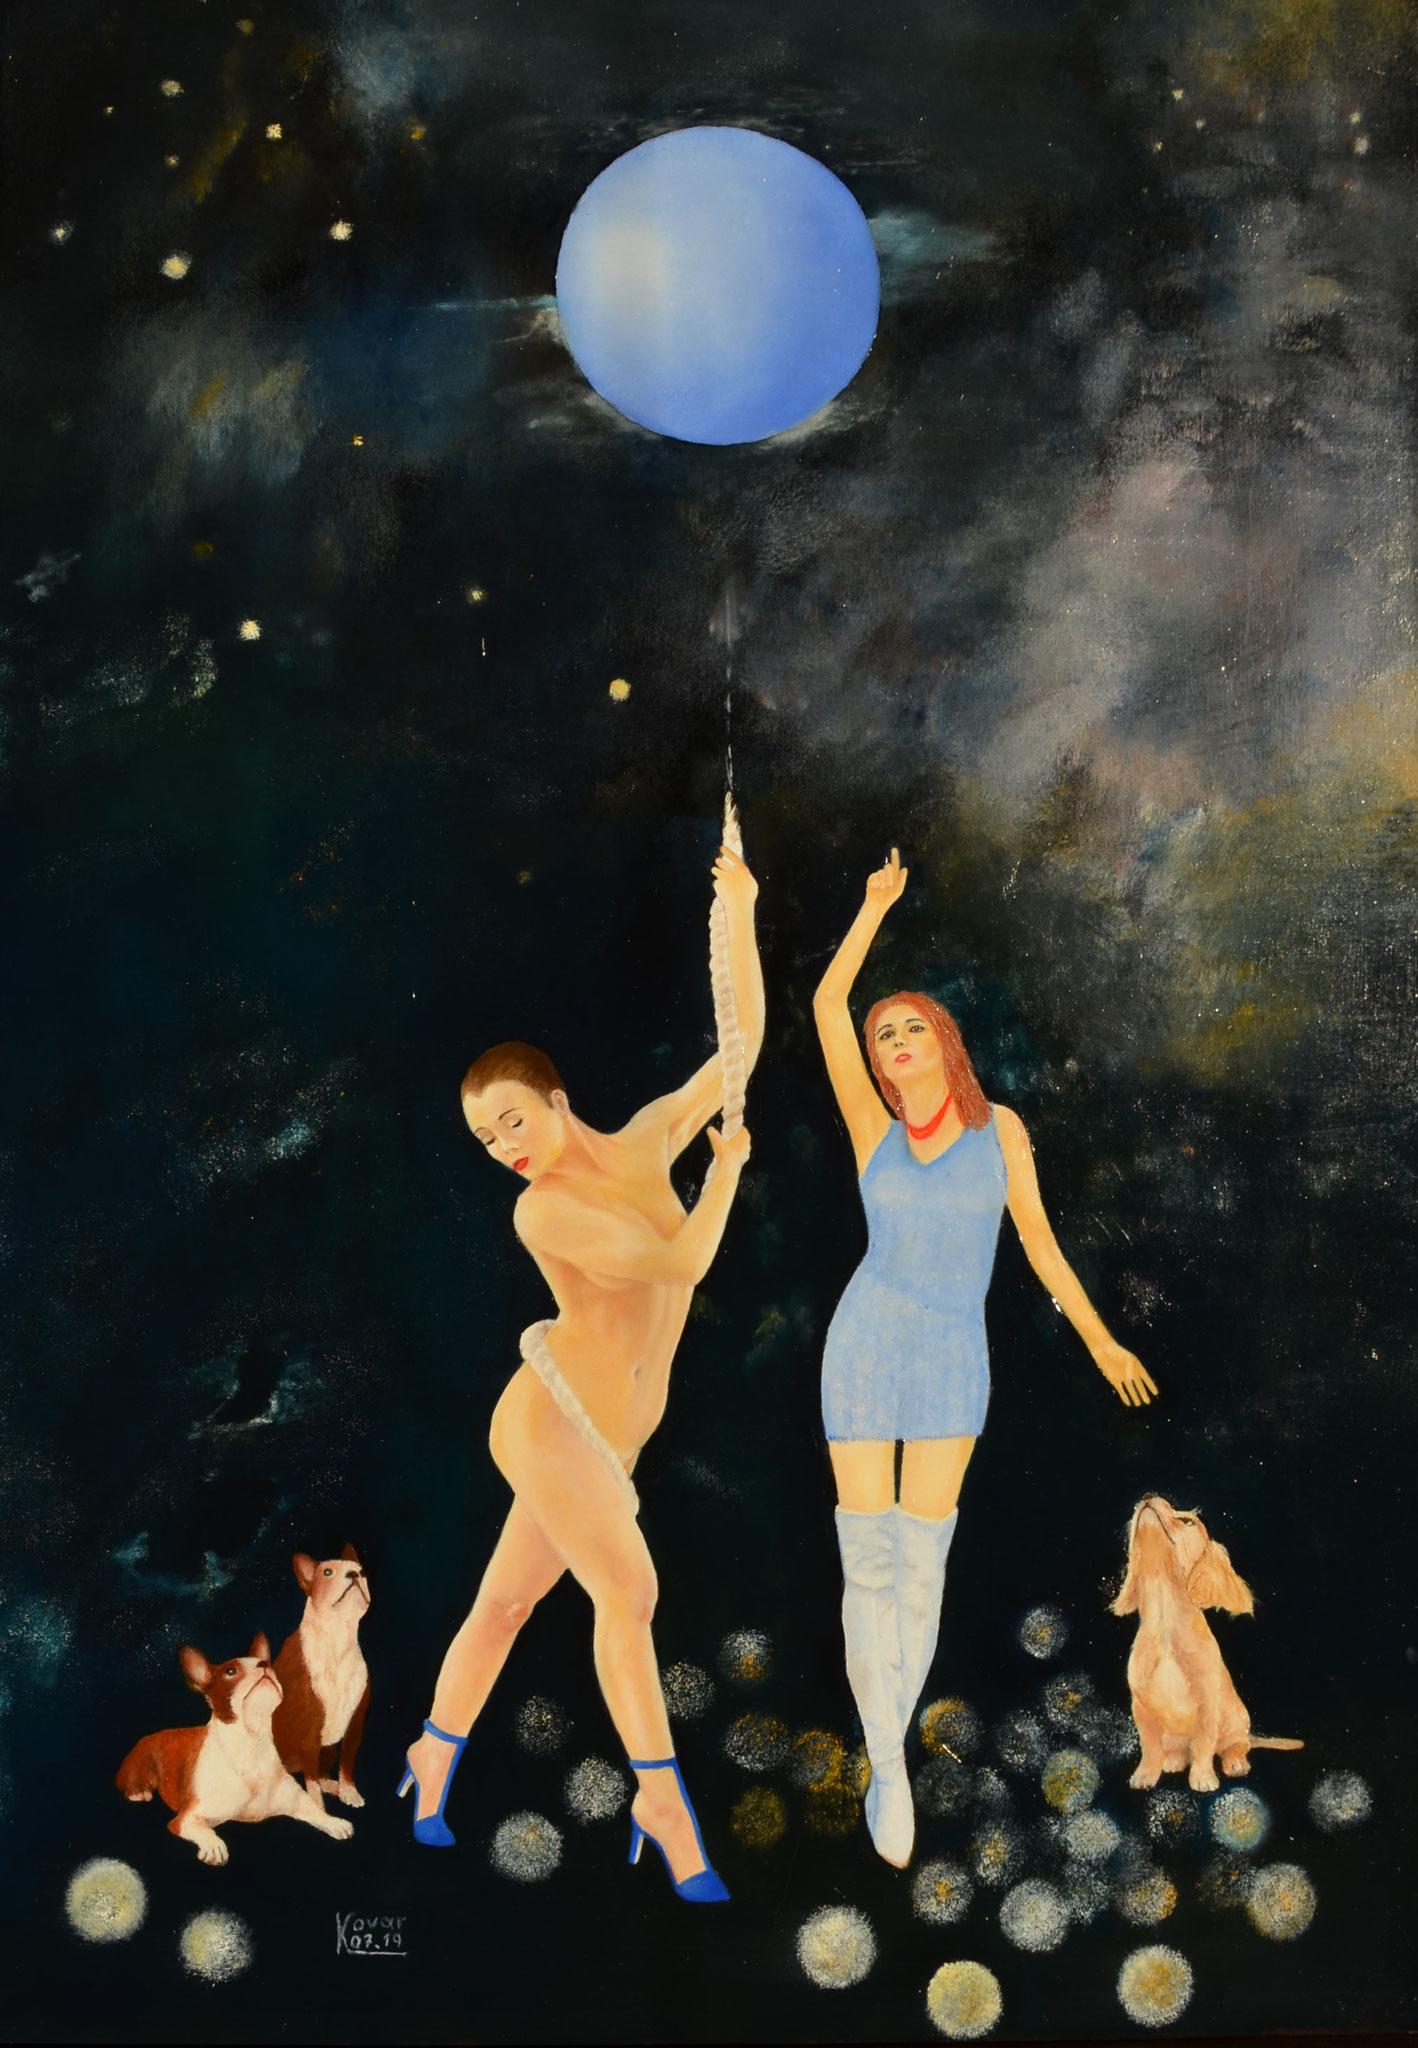 Den Intellektuellen  vermutet  der Homo Sapiens auf  einen Exoplaneten. The intellectual suspects Homo Sapiens of an exoplanet.